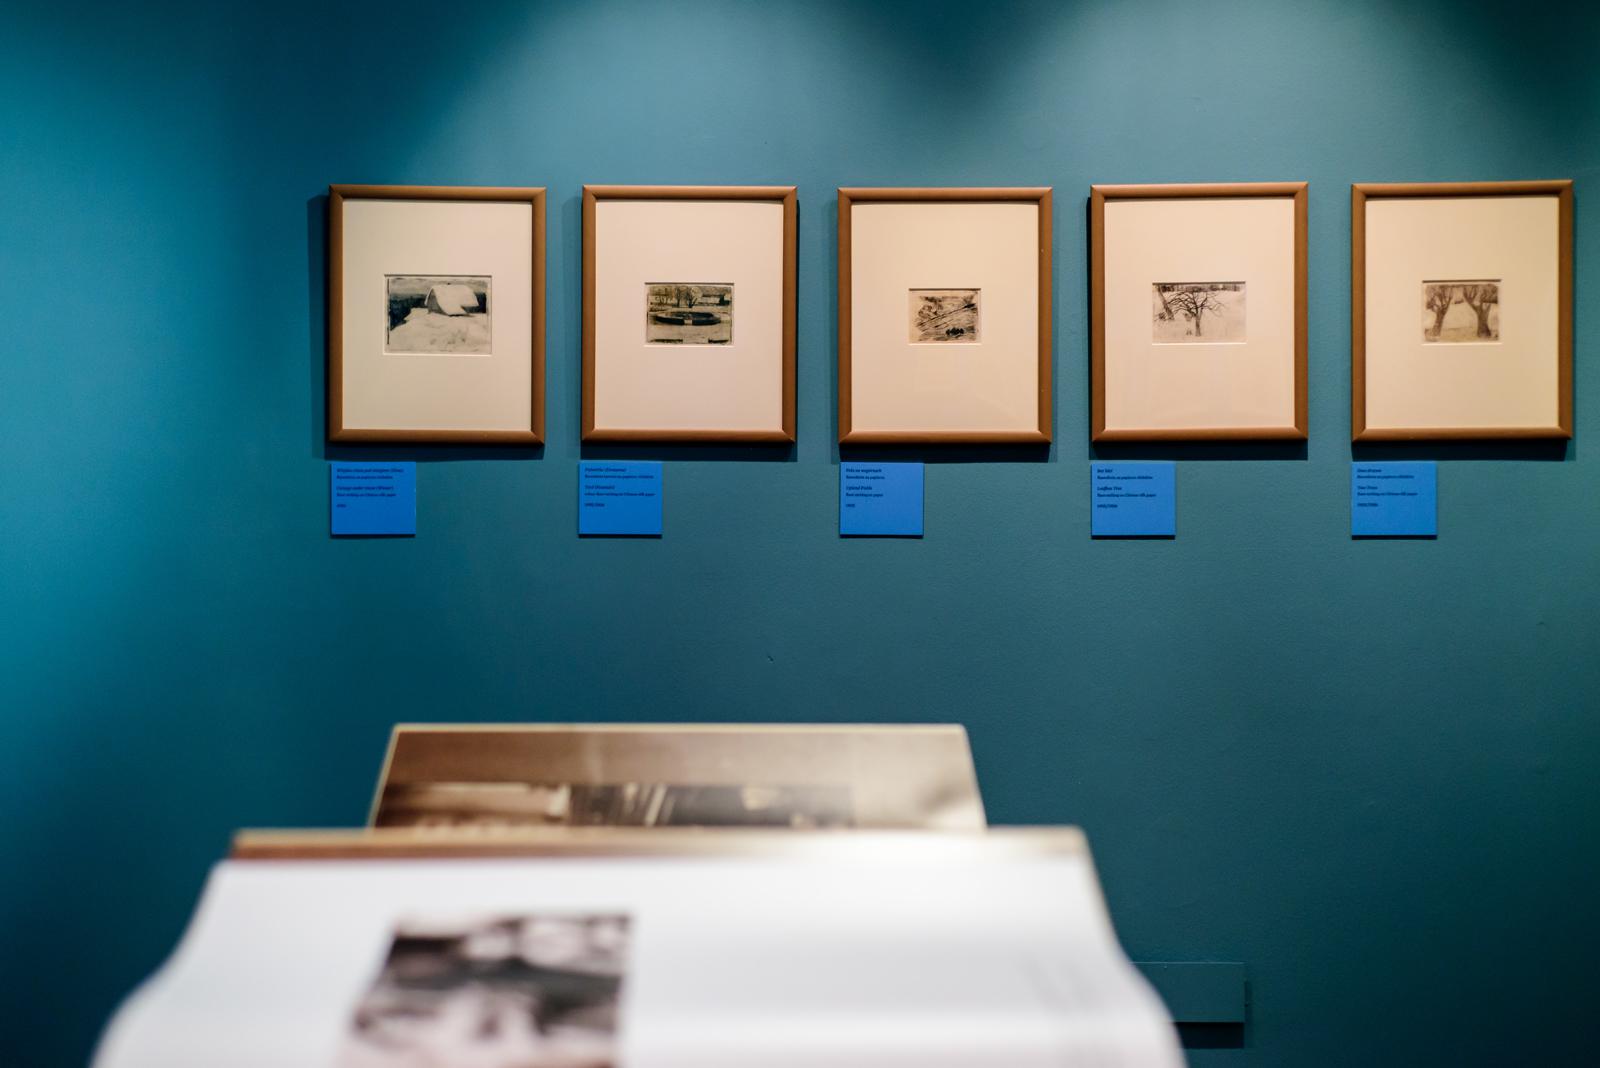 Litewska opowieść, widok wystawy